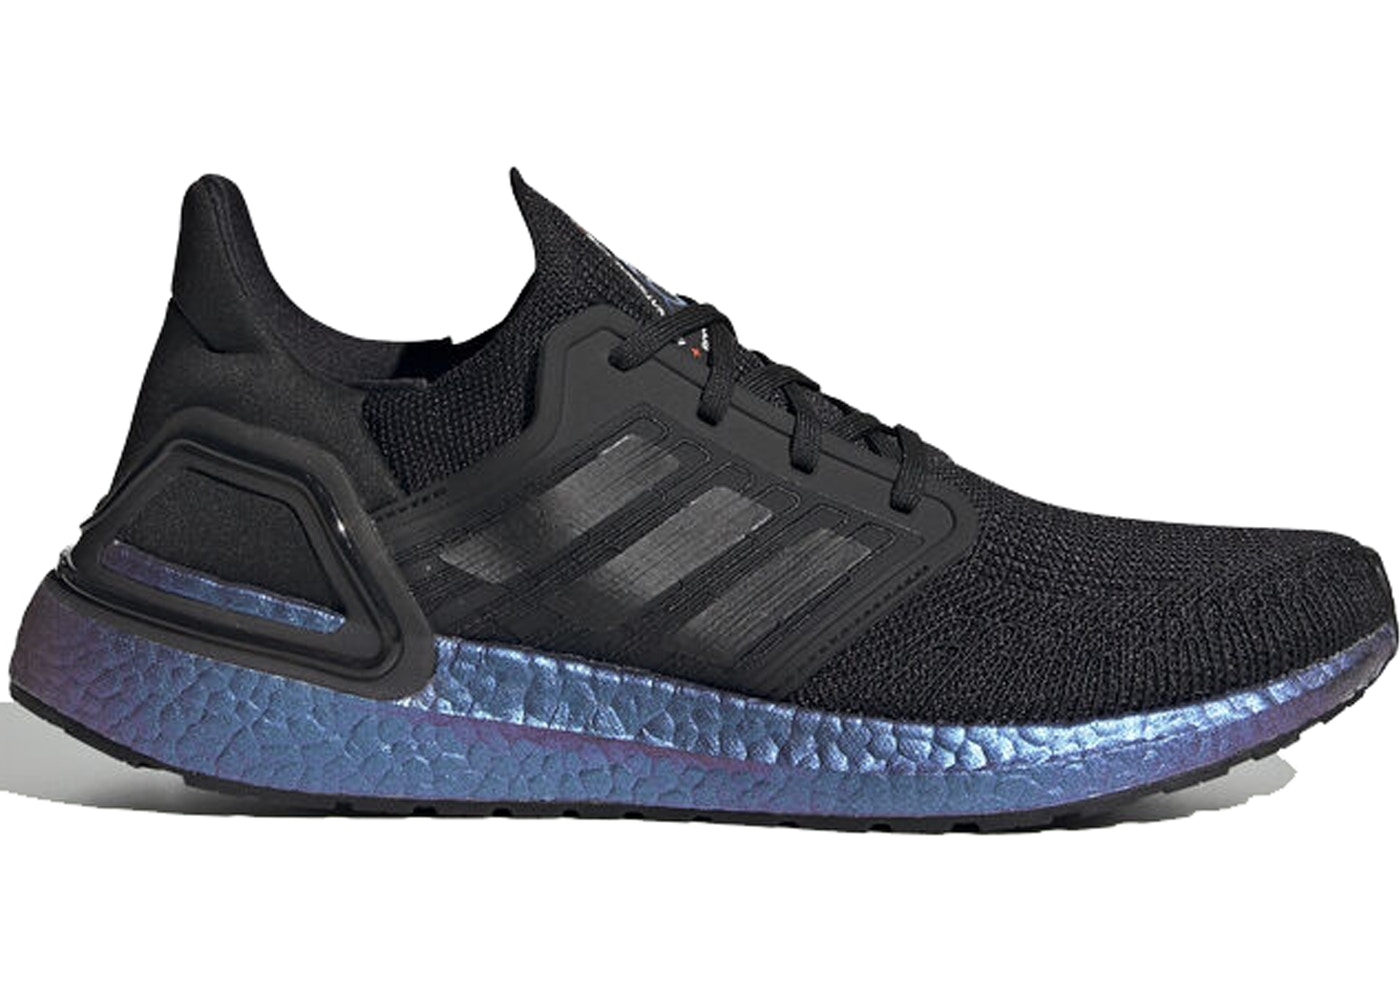 adidas schoenen kopen in china